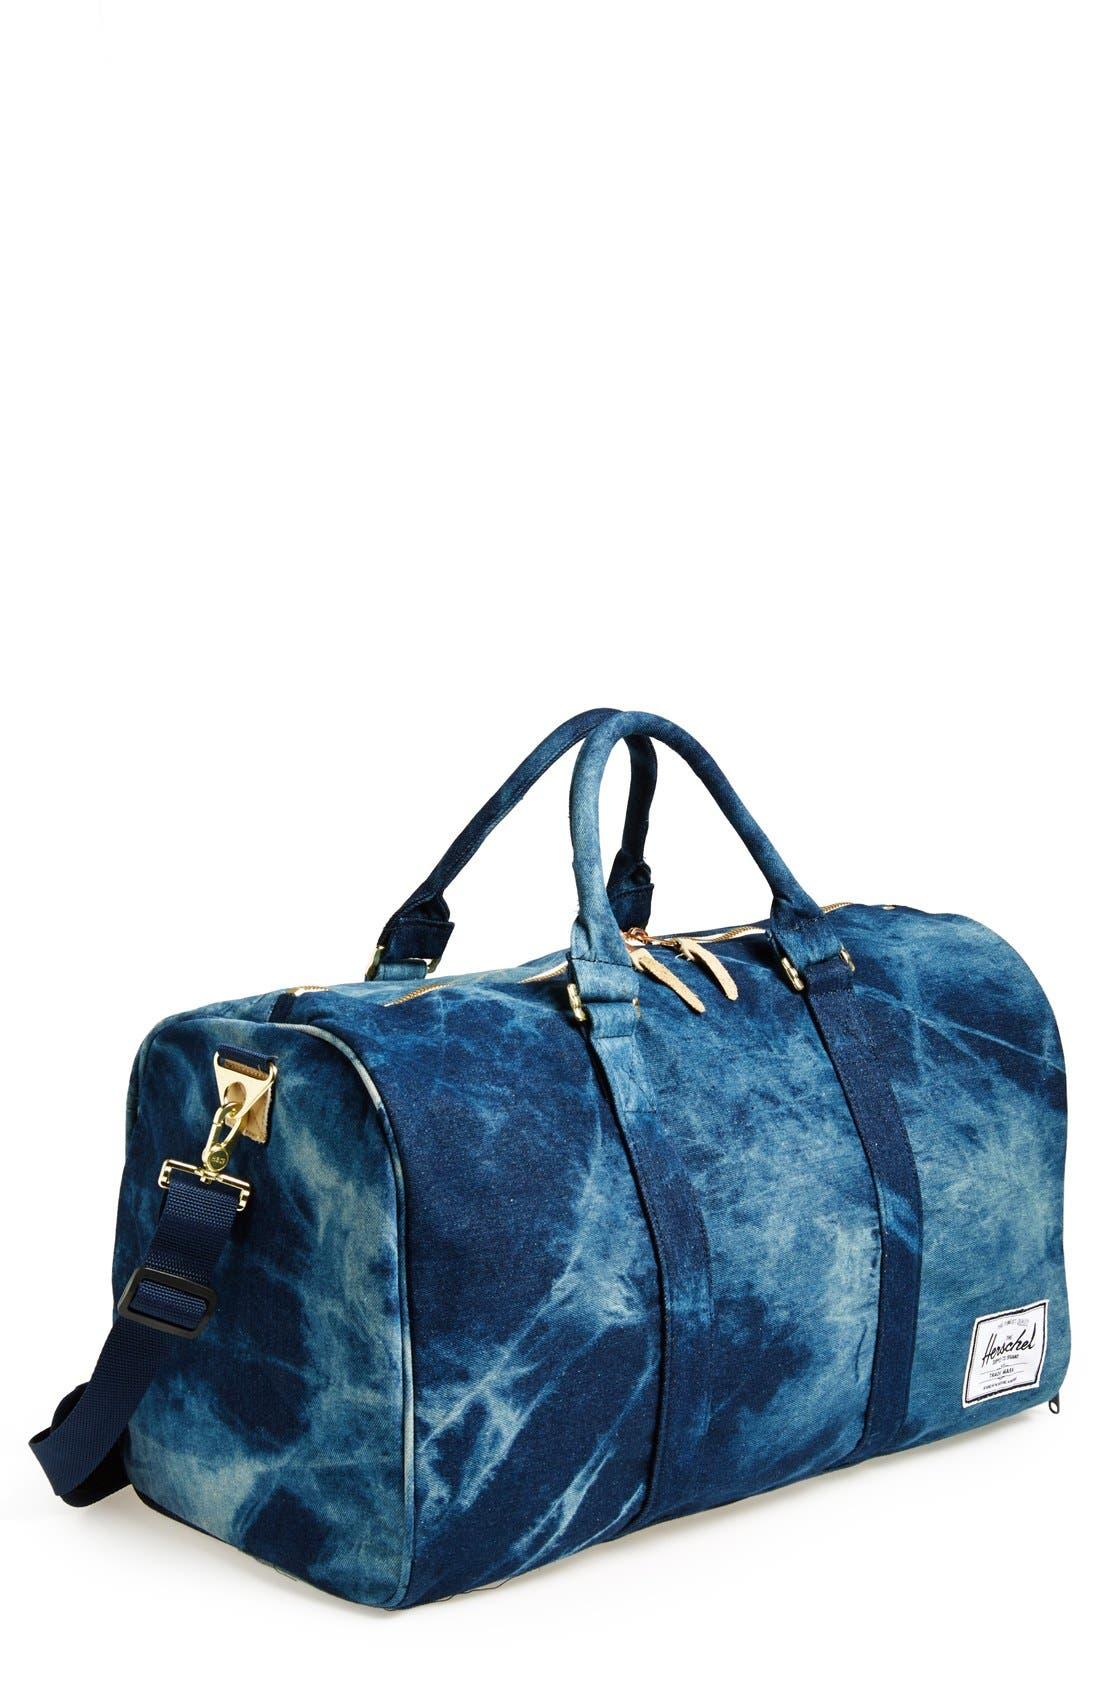 Main Image - Herschel Supply Co. 'Novel' Duffel Bag